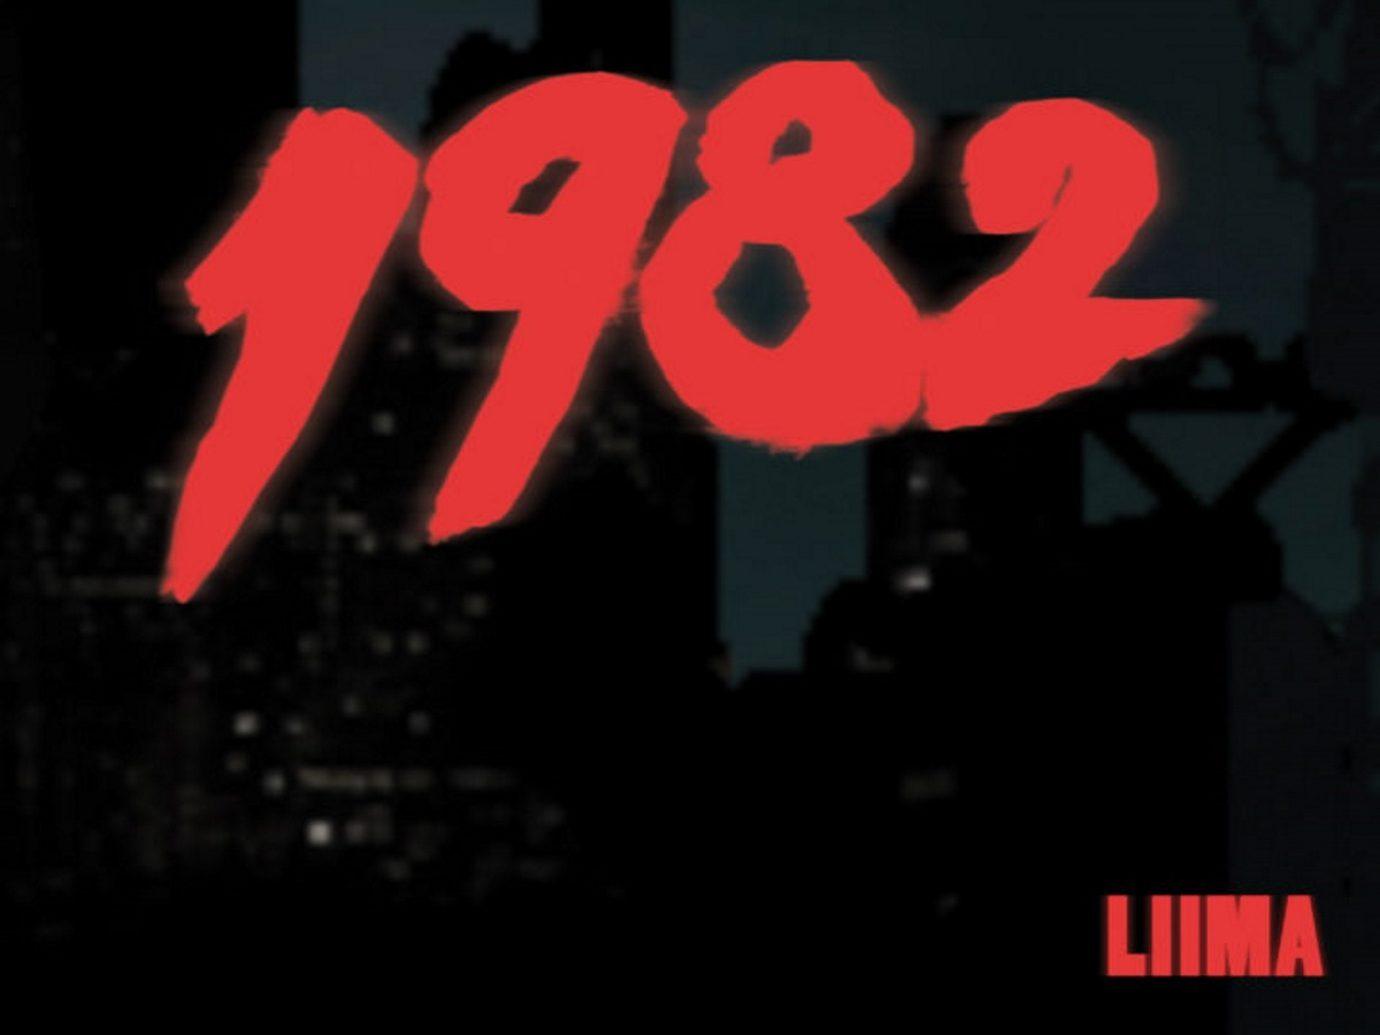 Album der Woche: Liima – 1982